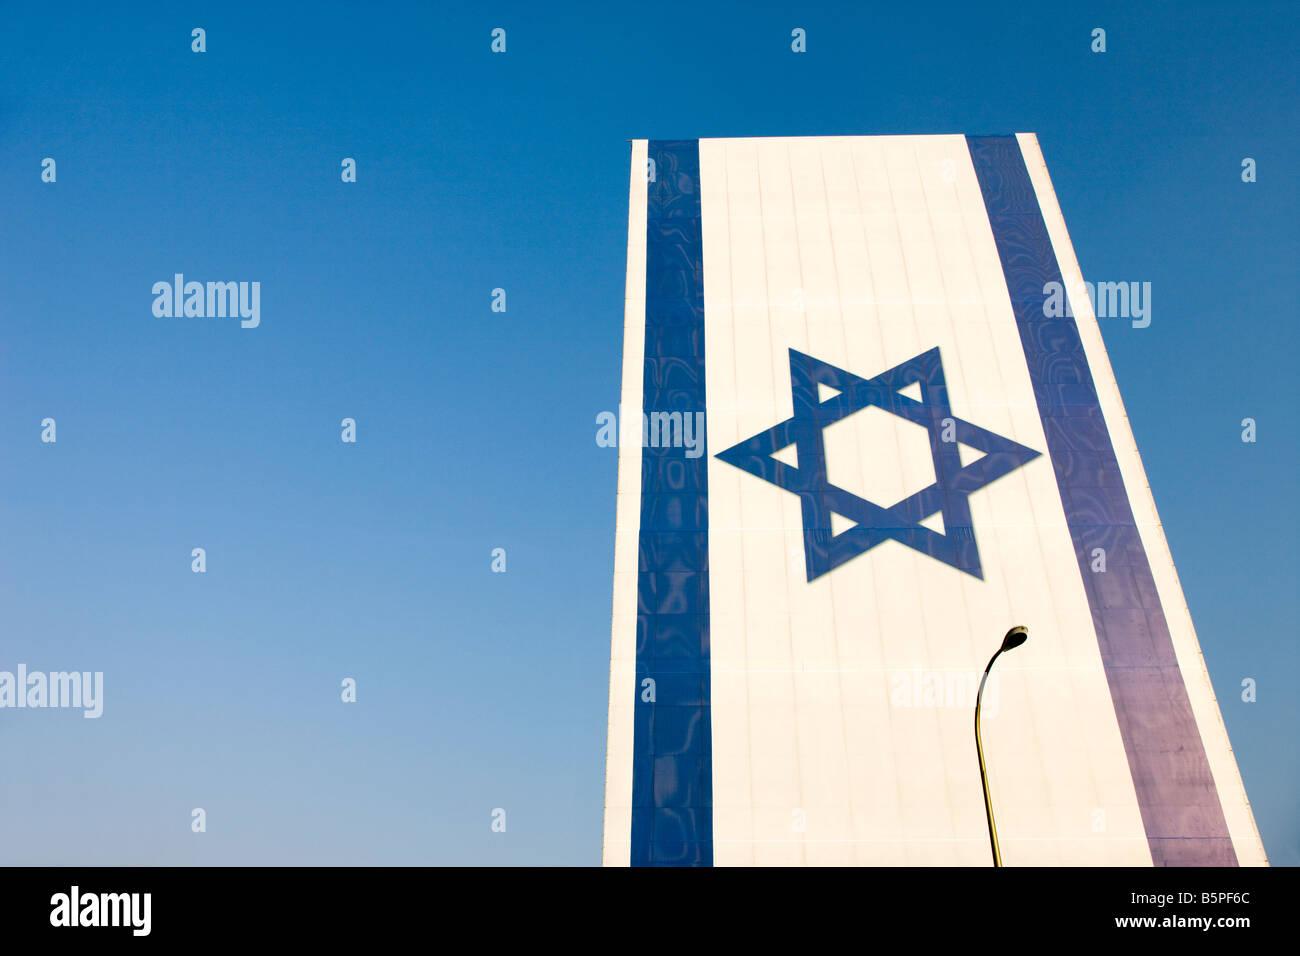 GIANT ISRAELI FLAG TEL AVIV ISRAEL - Stock Image